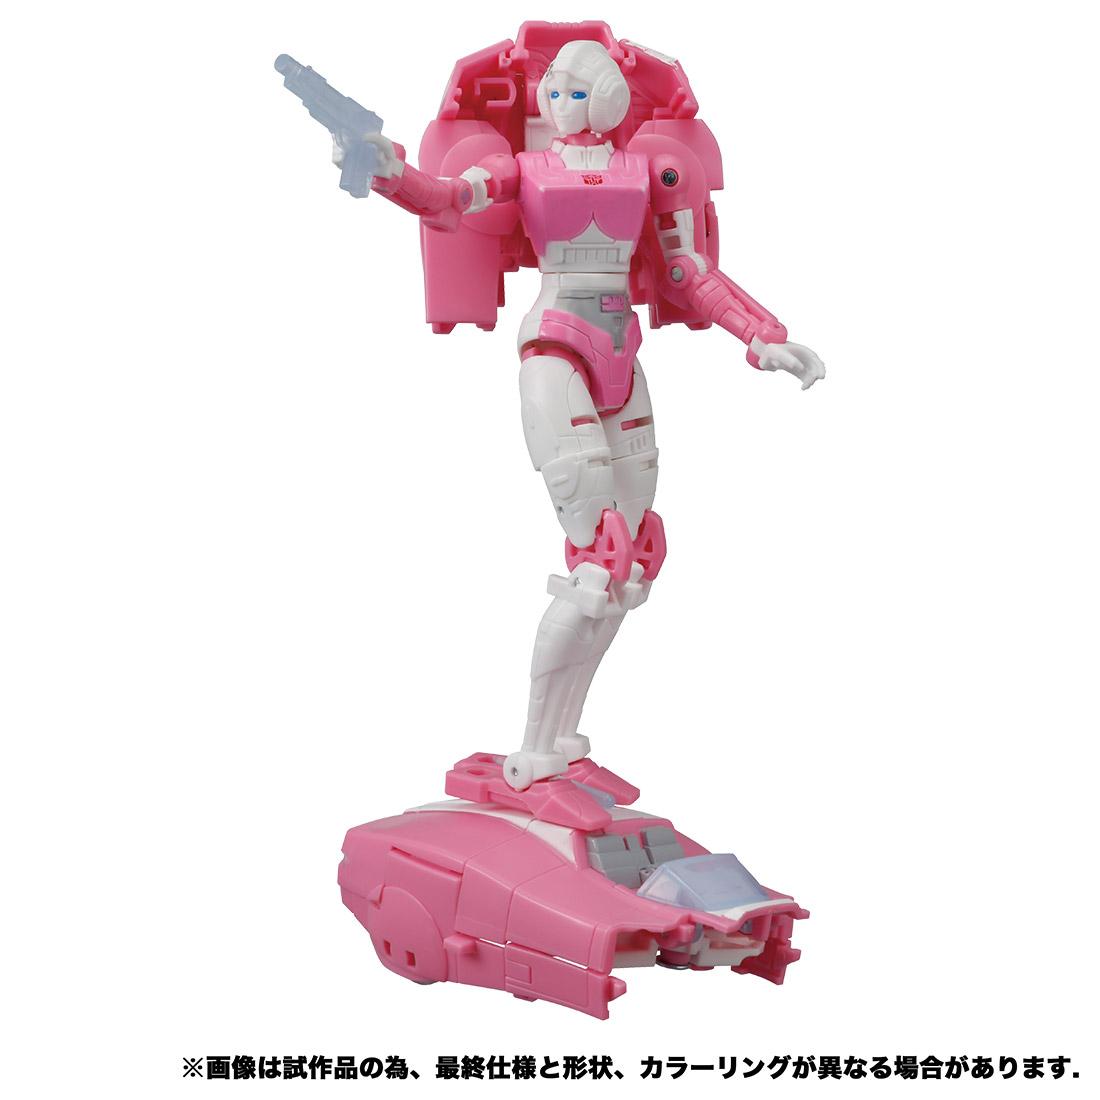 トランスフォーマー アースライズ『ER-09 アーシー』可変可動フィギュア-001